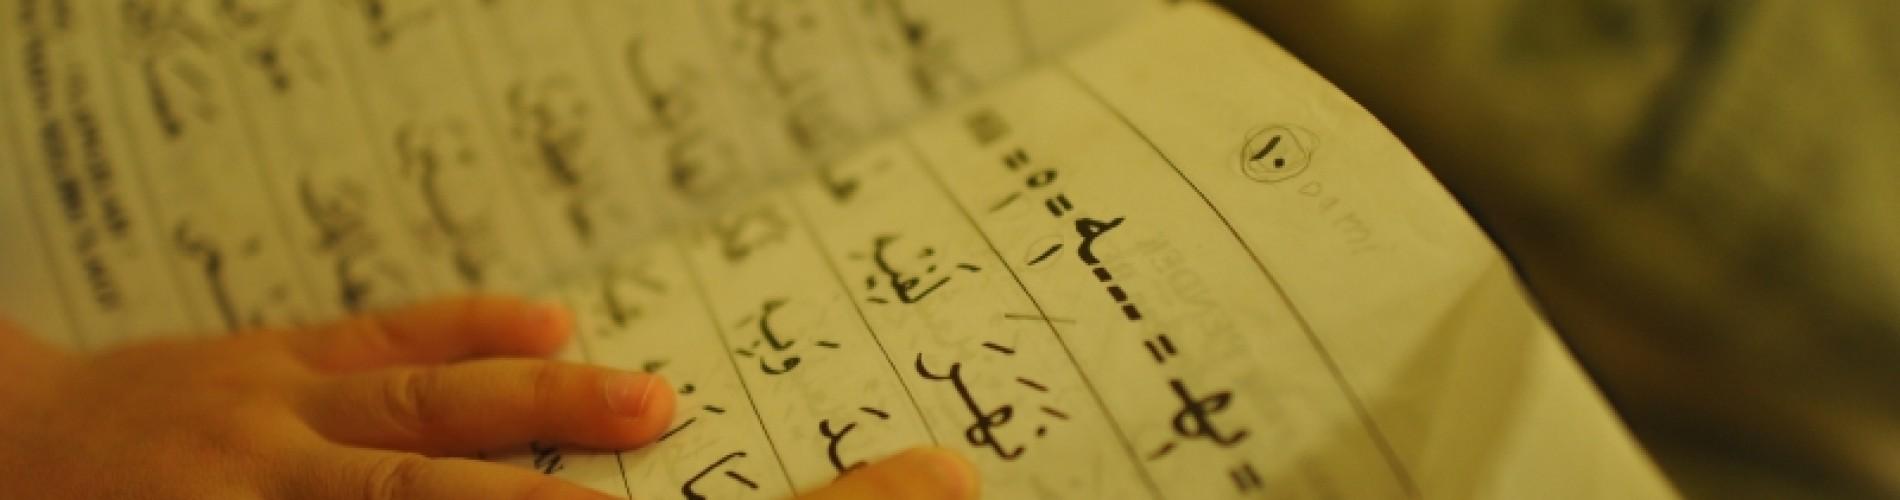 Benefits of Quran Memorization – Part I